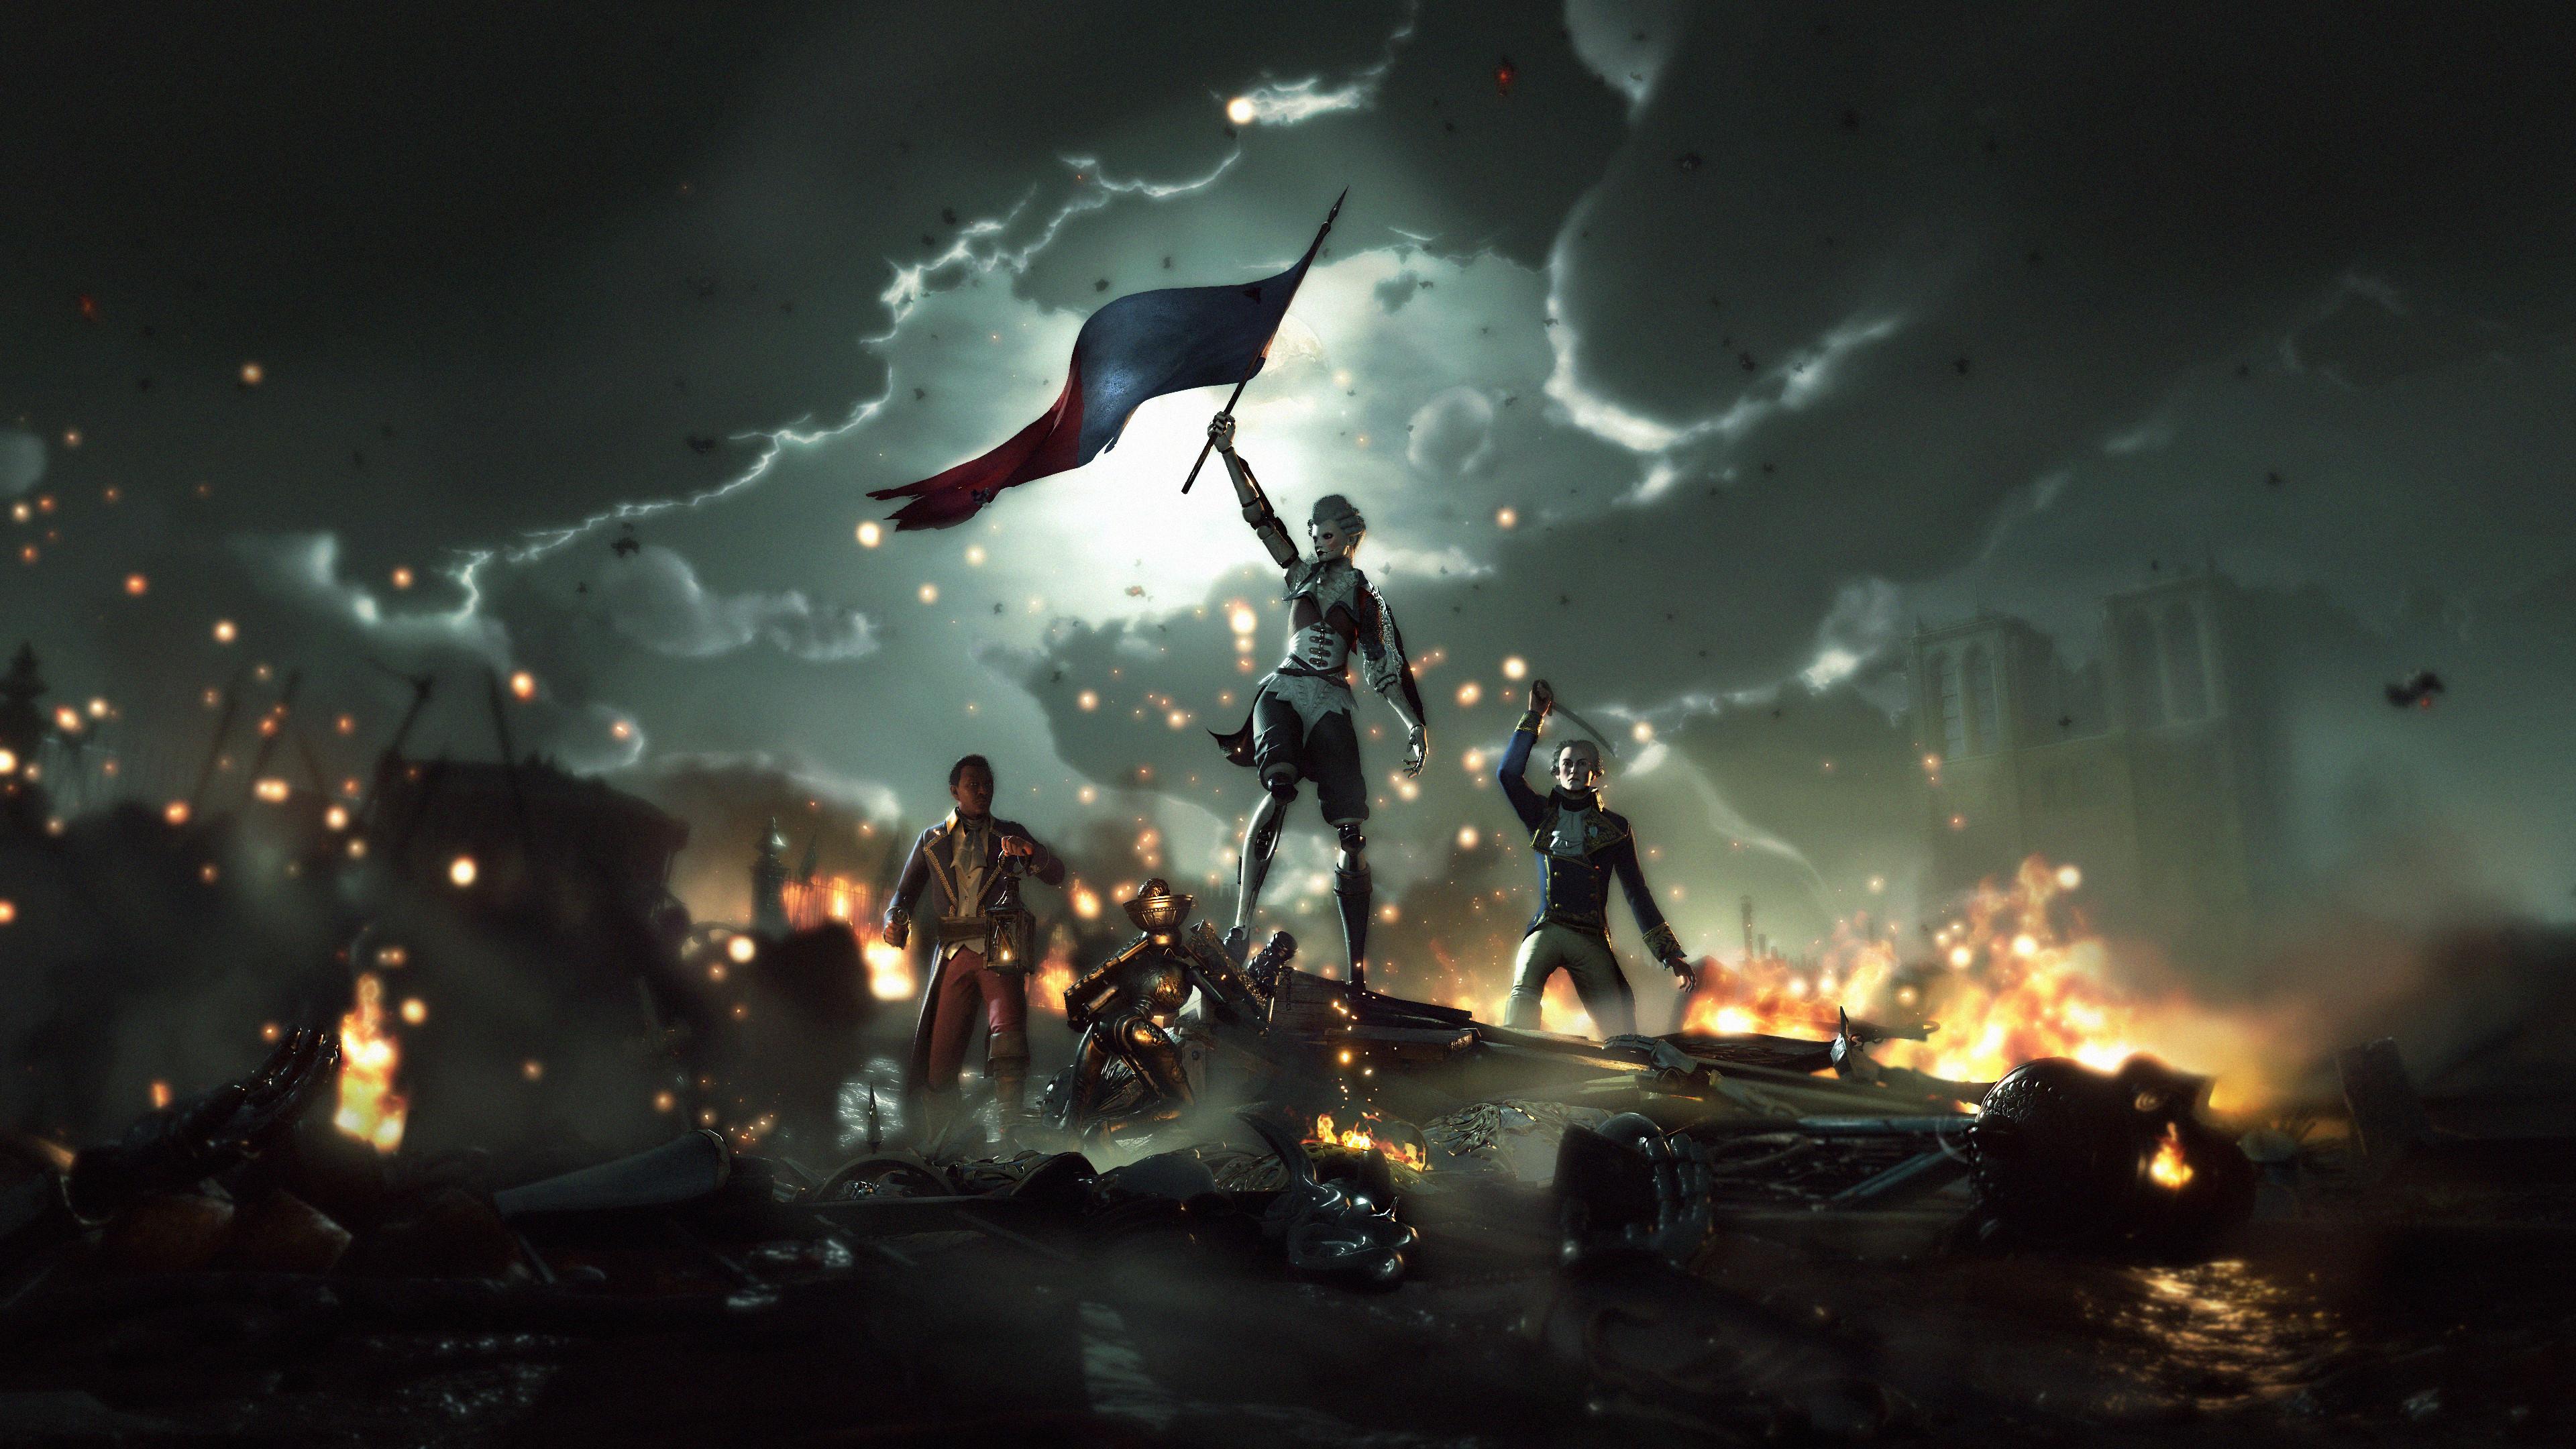 Первые роботы в Париже — трейлер Steelrising  от авторов GreedFall